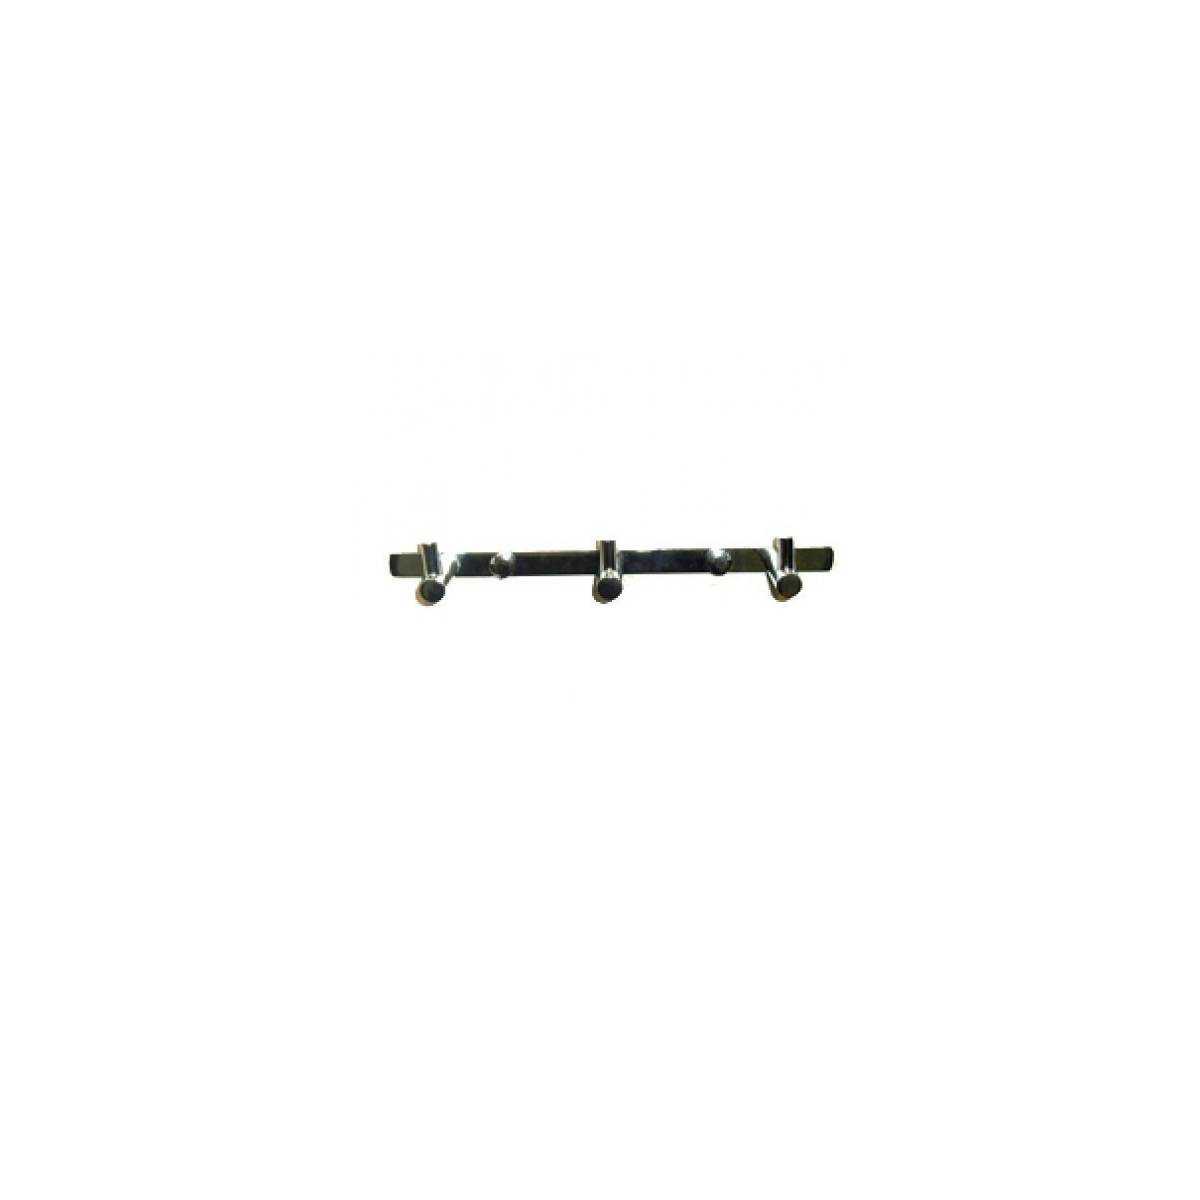 Держатель полотенец металлический на 3 крючка (7202) 7202 Gatto